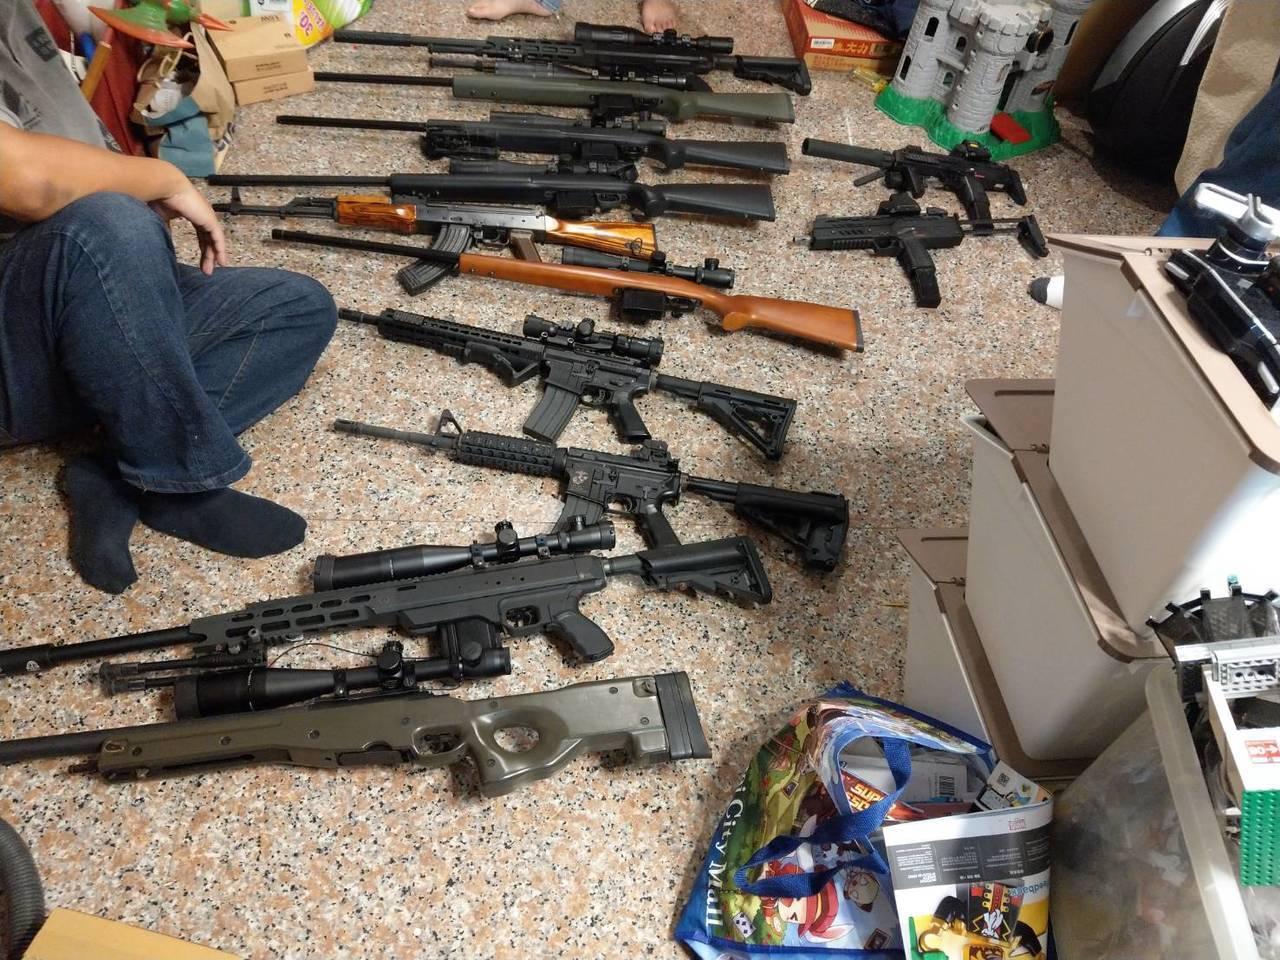 槍案頻傳! 警署大動作掃黑金逮逾150人